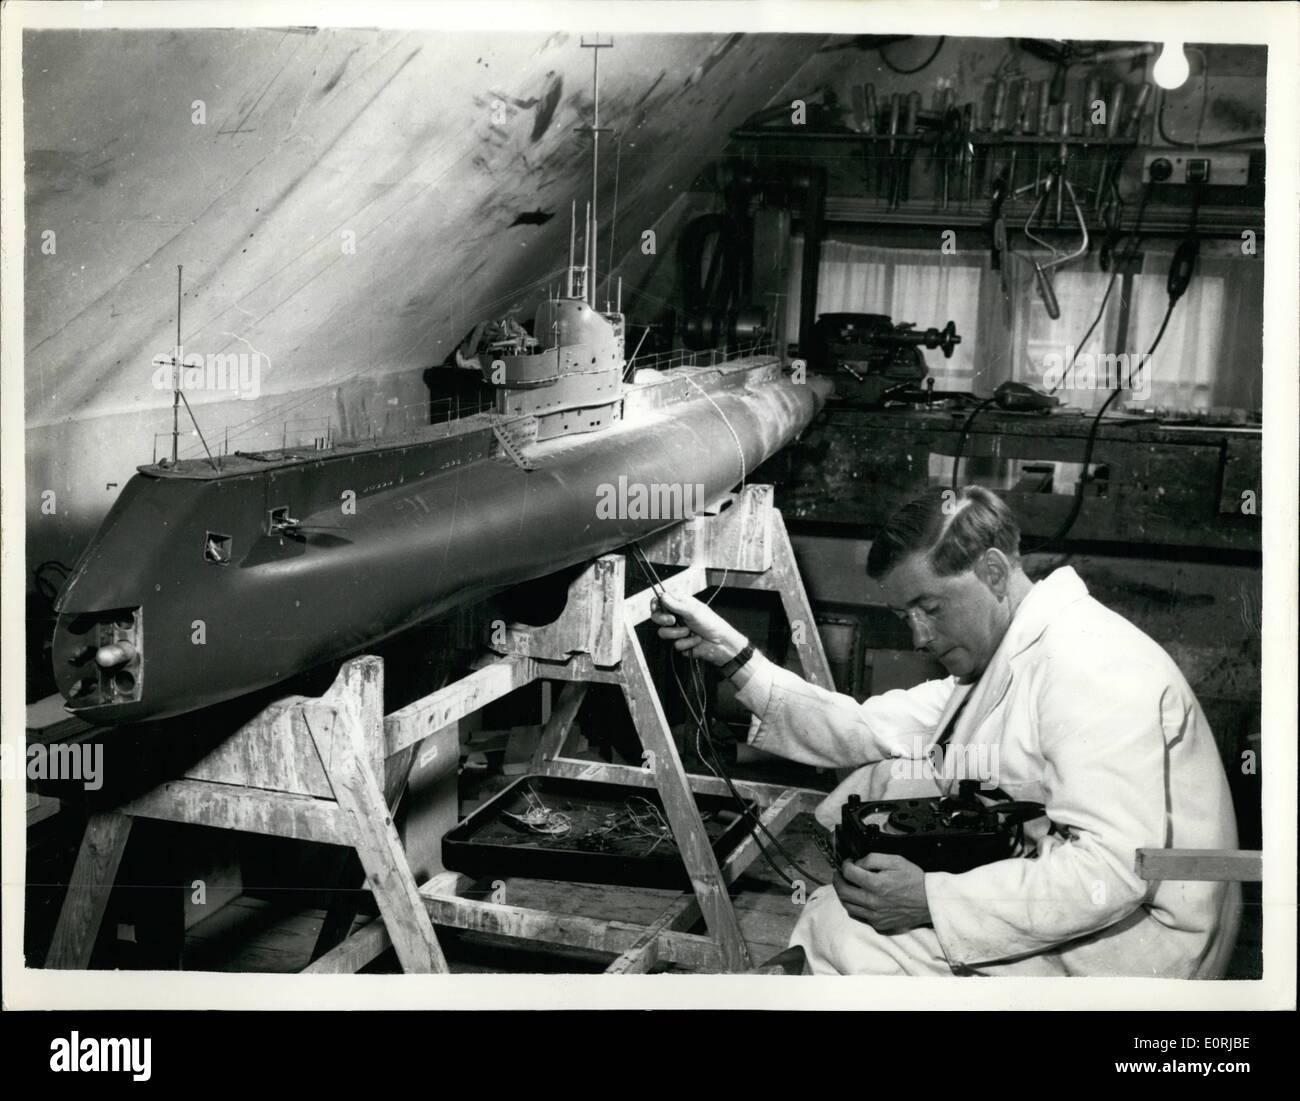 Nov 11, 1959 - Diez pies de modelo de trabajo de un submarino construido en un dormitorio... En realidad, va a fuego de misiles reales. Un modelo largo de diez pies de un submarino ha sido construido en el ático de un dormitorio de 38 años trabajador Ministerio de suministro - El Sr. David Ashton en Sevenoaks, Kent, a un costo de ,000... Llamado ''Olimpo'' será capaz de disparar misiles y torpedos mientras está sumergido, siendo operada por control remoto. El modelo fue iniciado hace tres años - pesa 200 libras y es capaz de bucear a 15 pies. Imagen De Stock